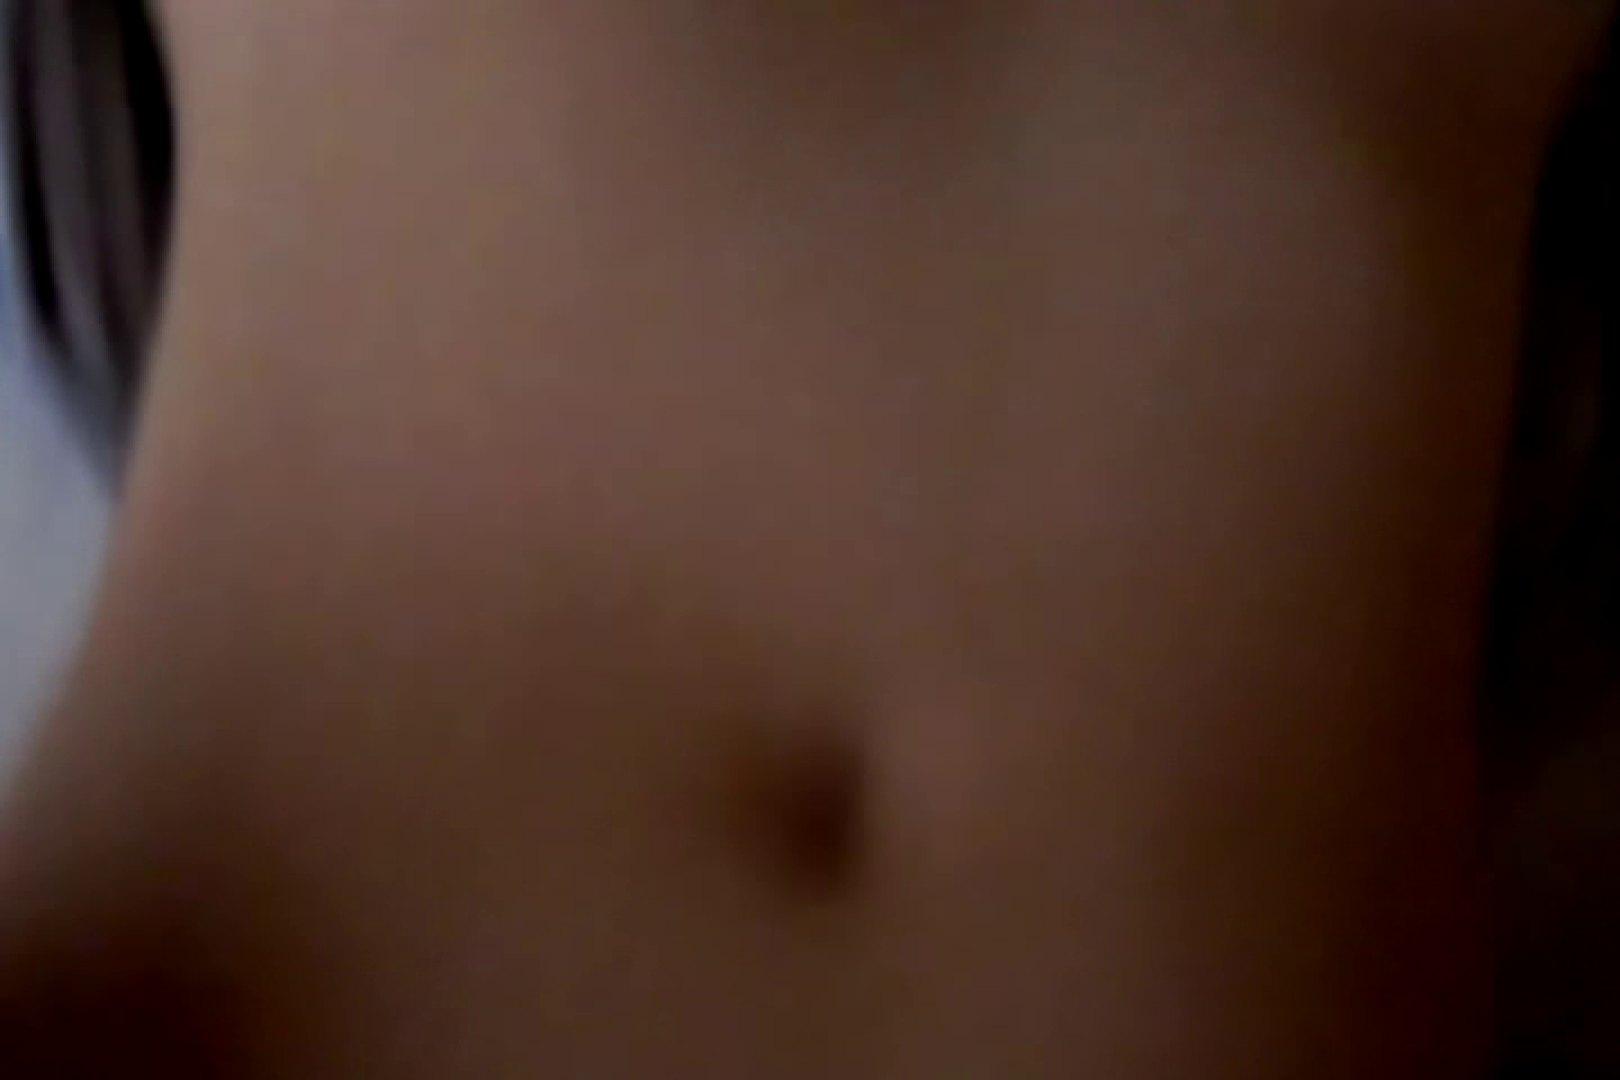 ウイルス流出 レオ&マンコのアルバム プライベート | クンニ  101連発 99